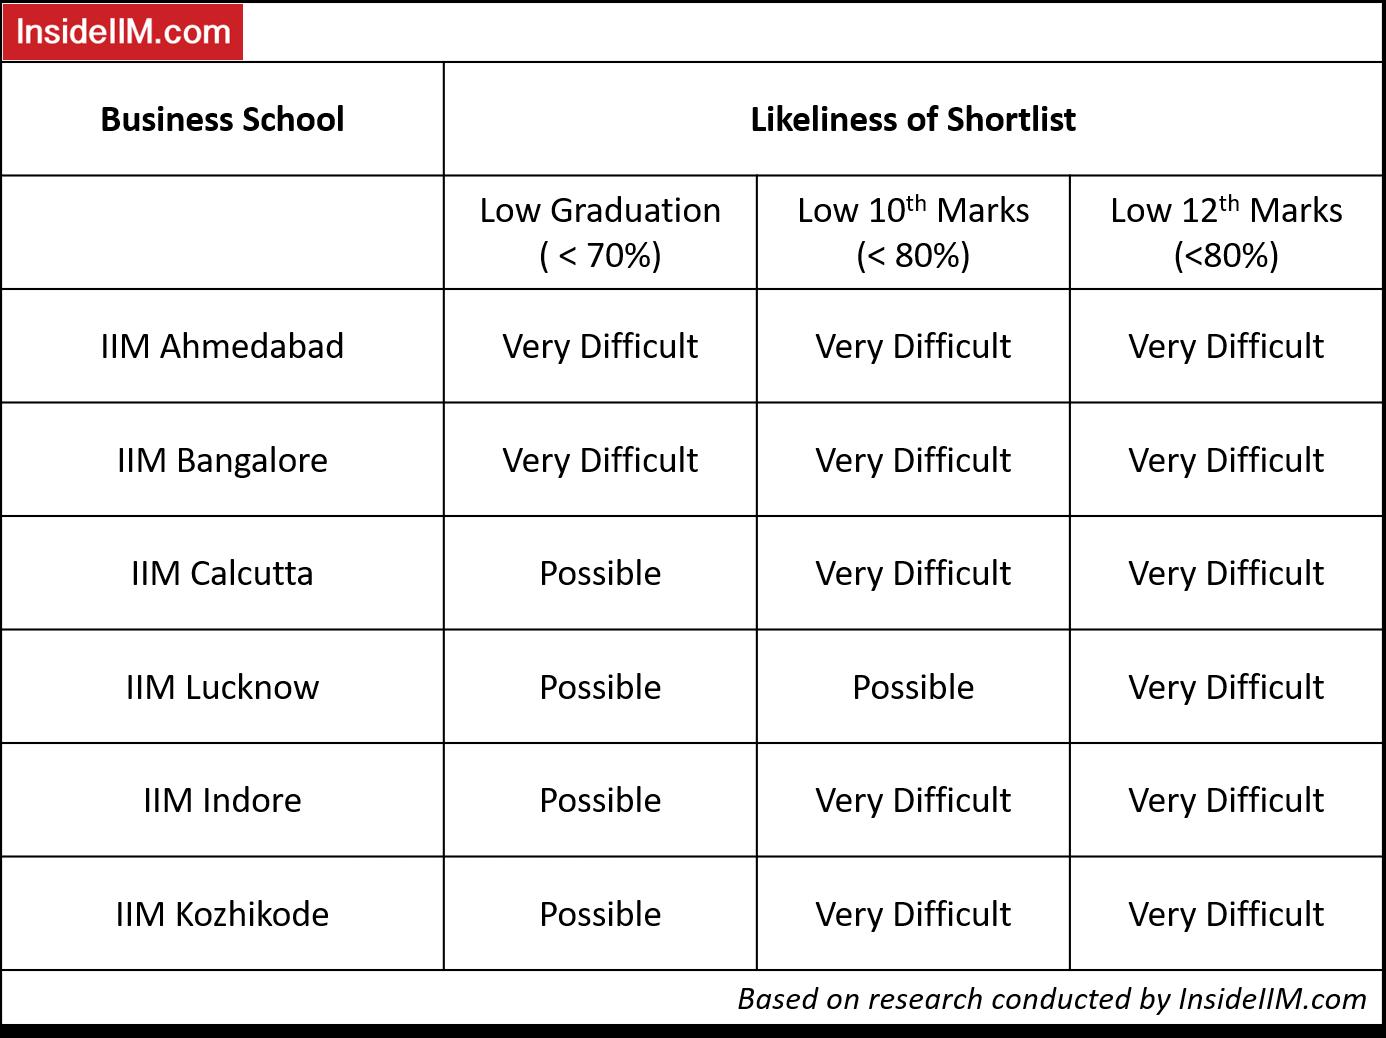 IIM Academic Profile - Is Your Academic Profile Good Enough For IIMs?